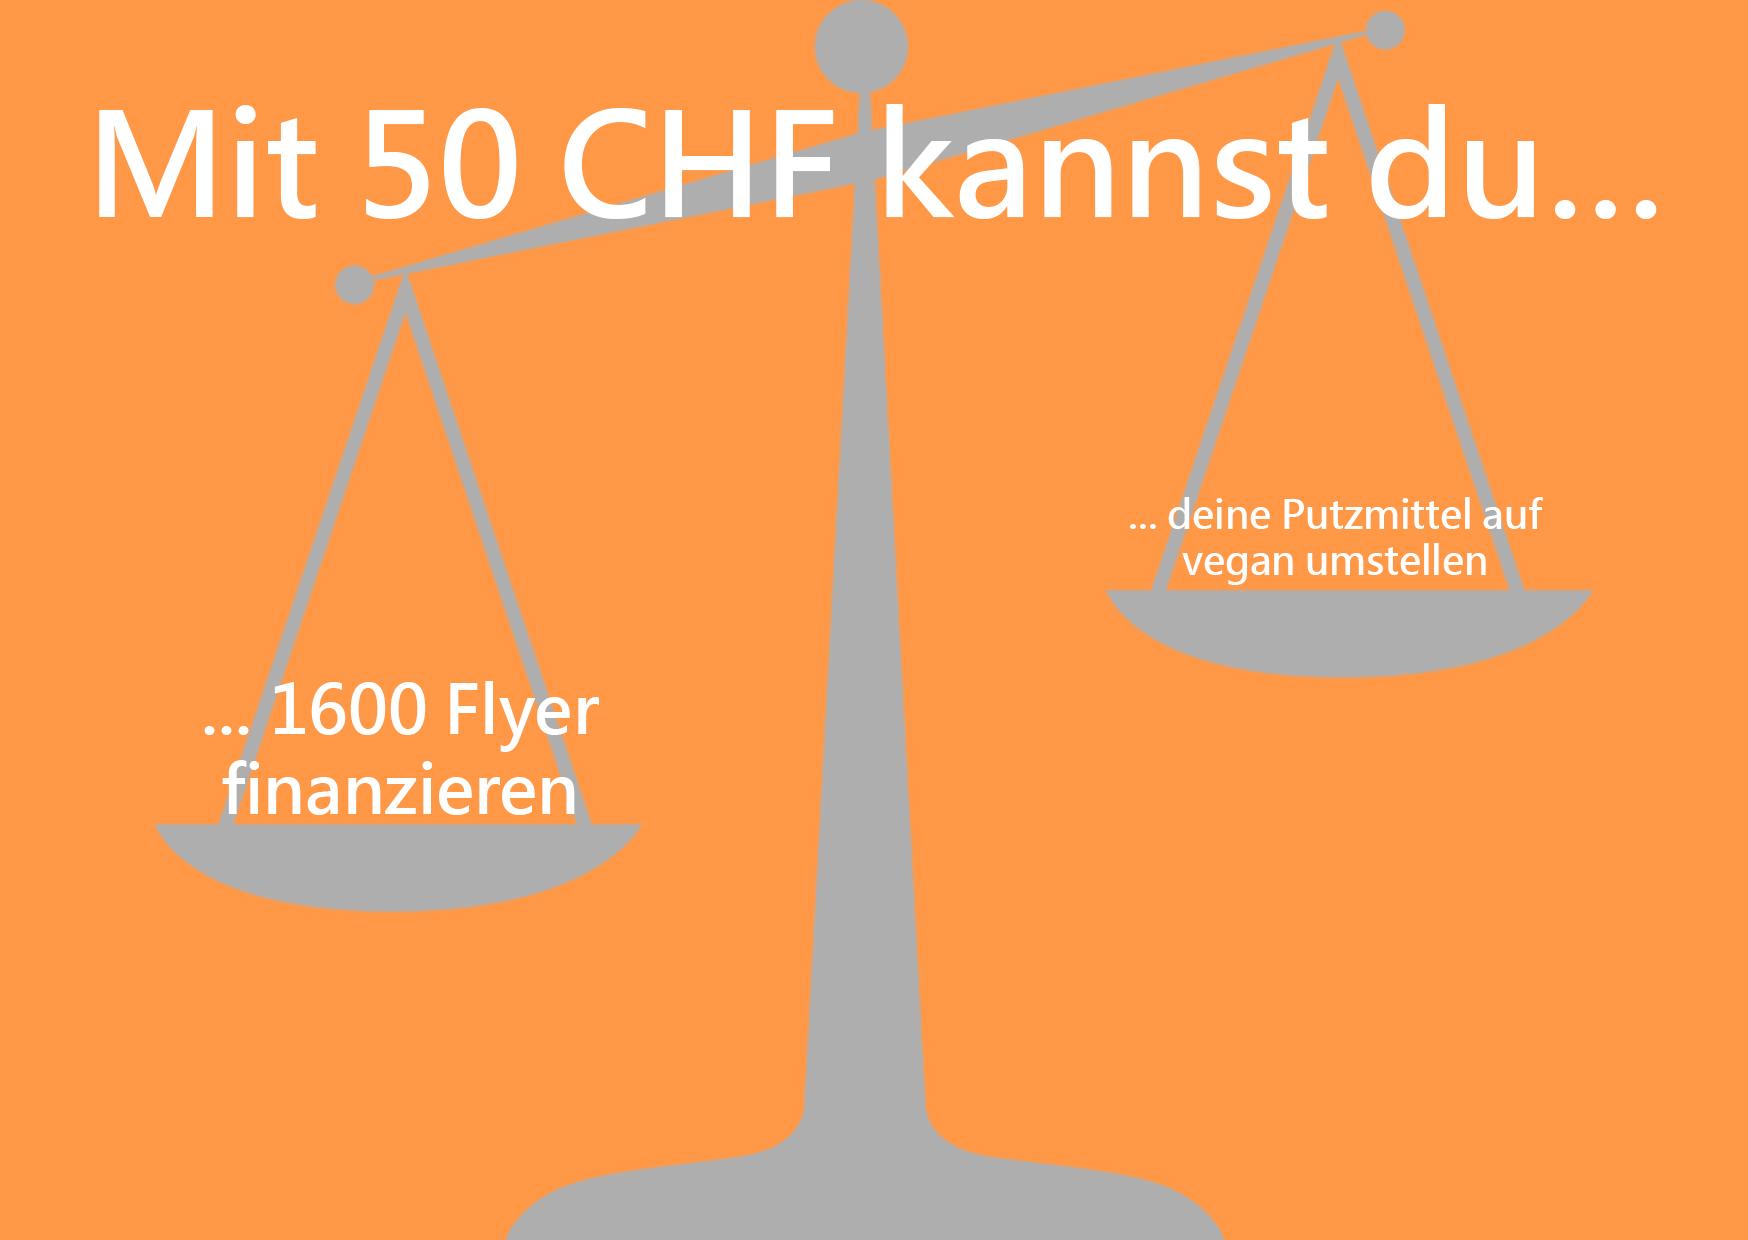 Spenden Nudging 50 Franken Seite A